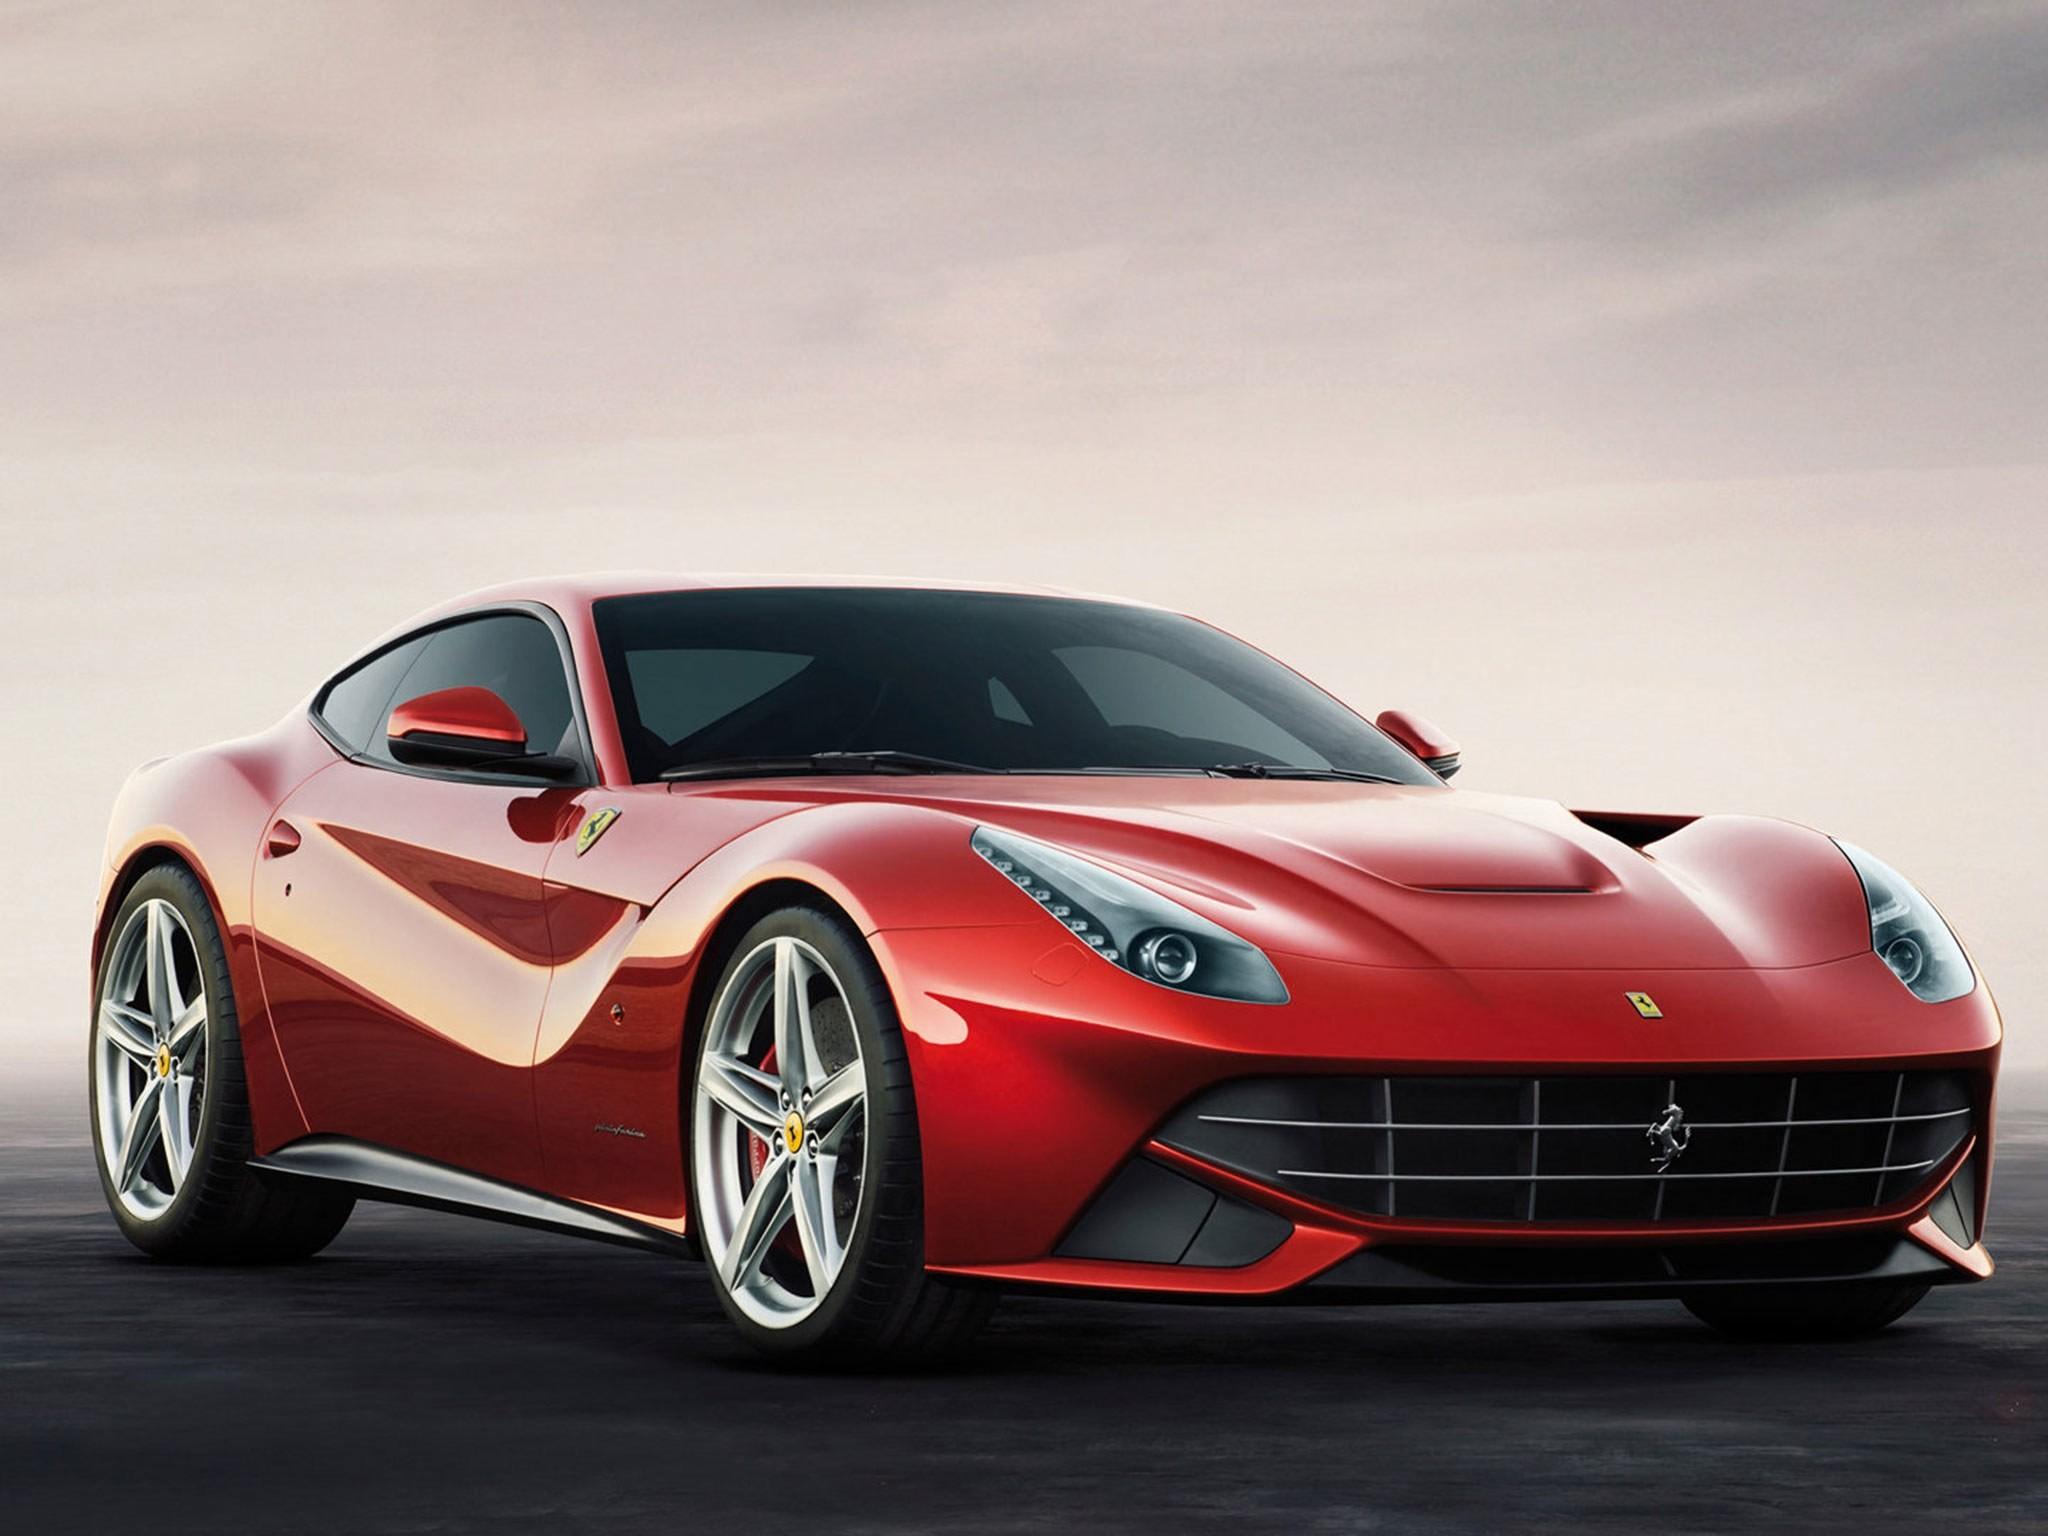 2013-Ferrari-F12-Berlinetta